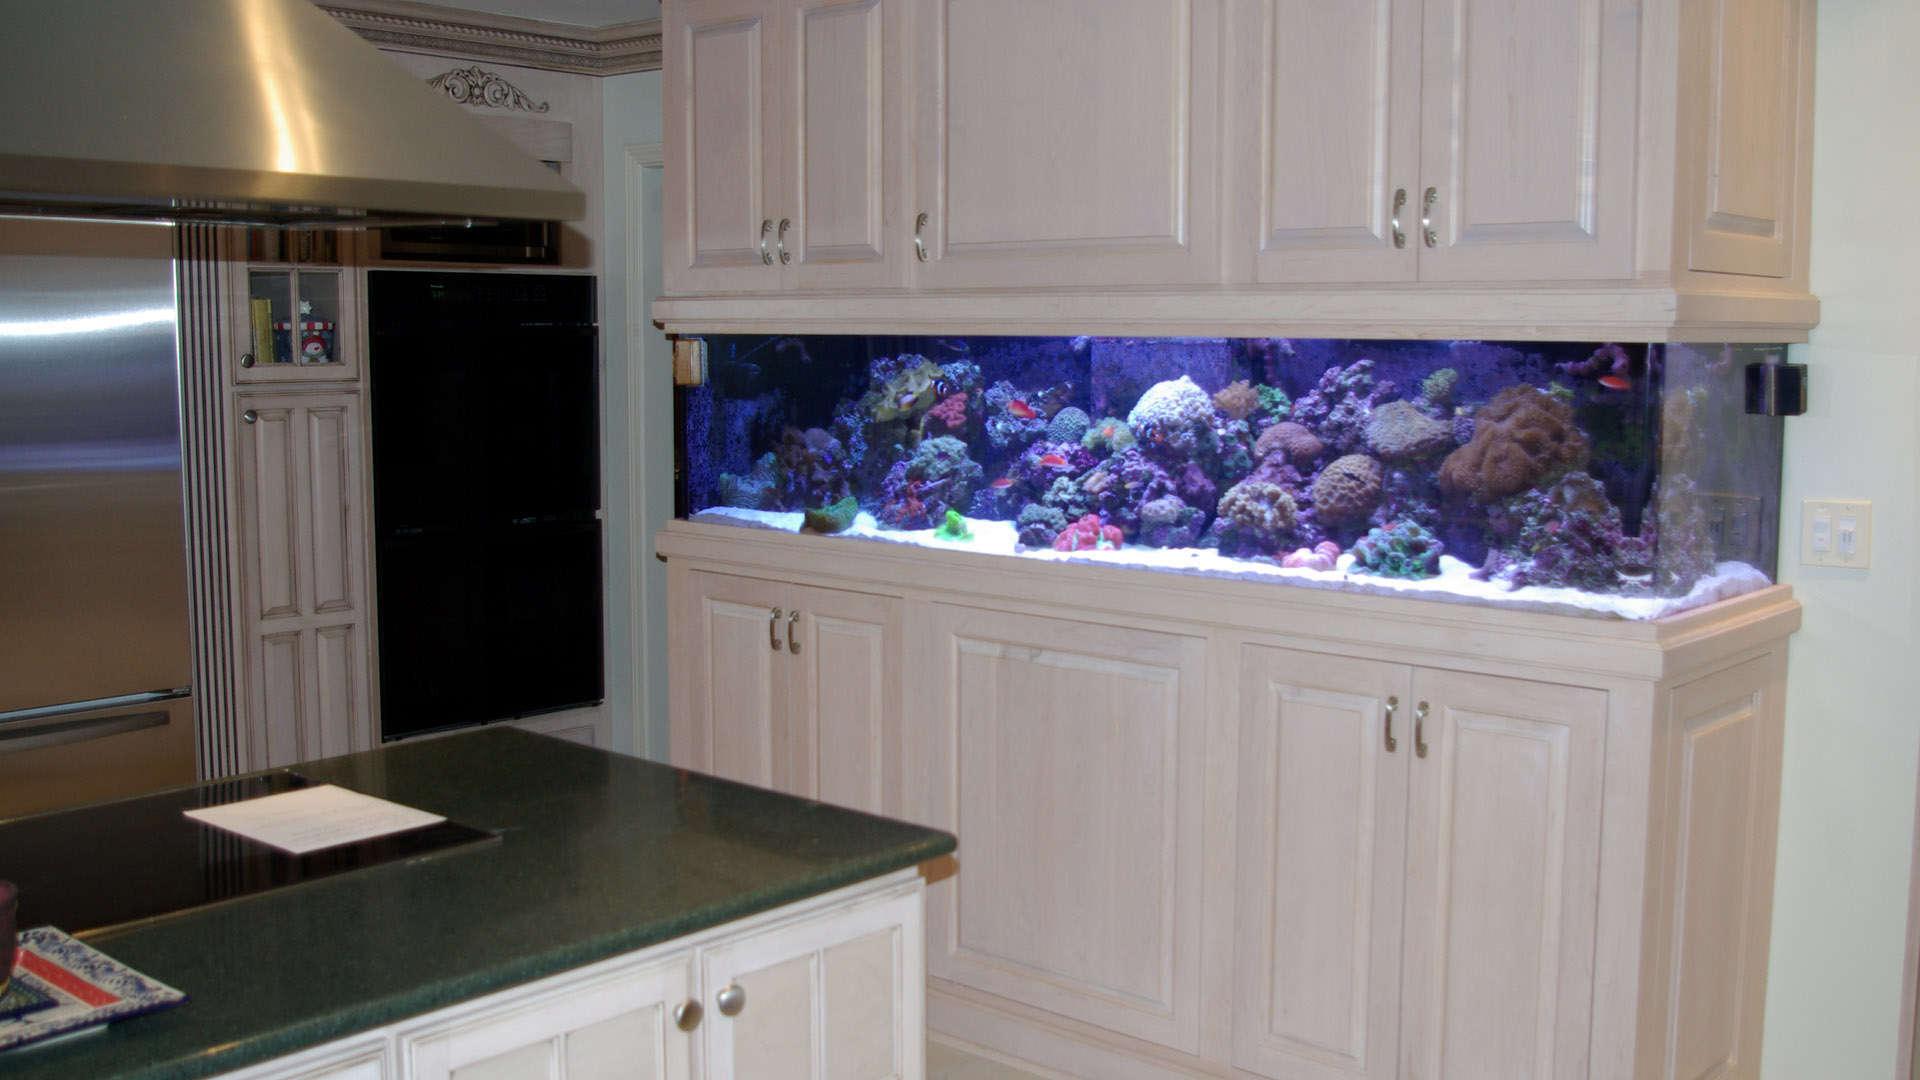 Aquarium Hd 1080p Wallpaper Wallpapersafari